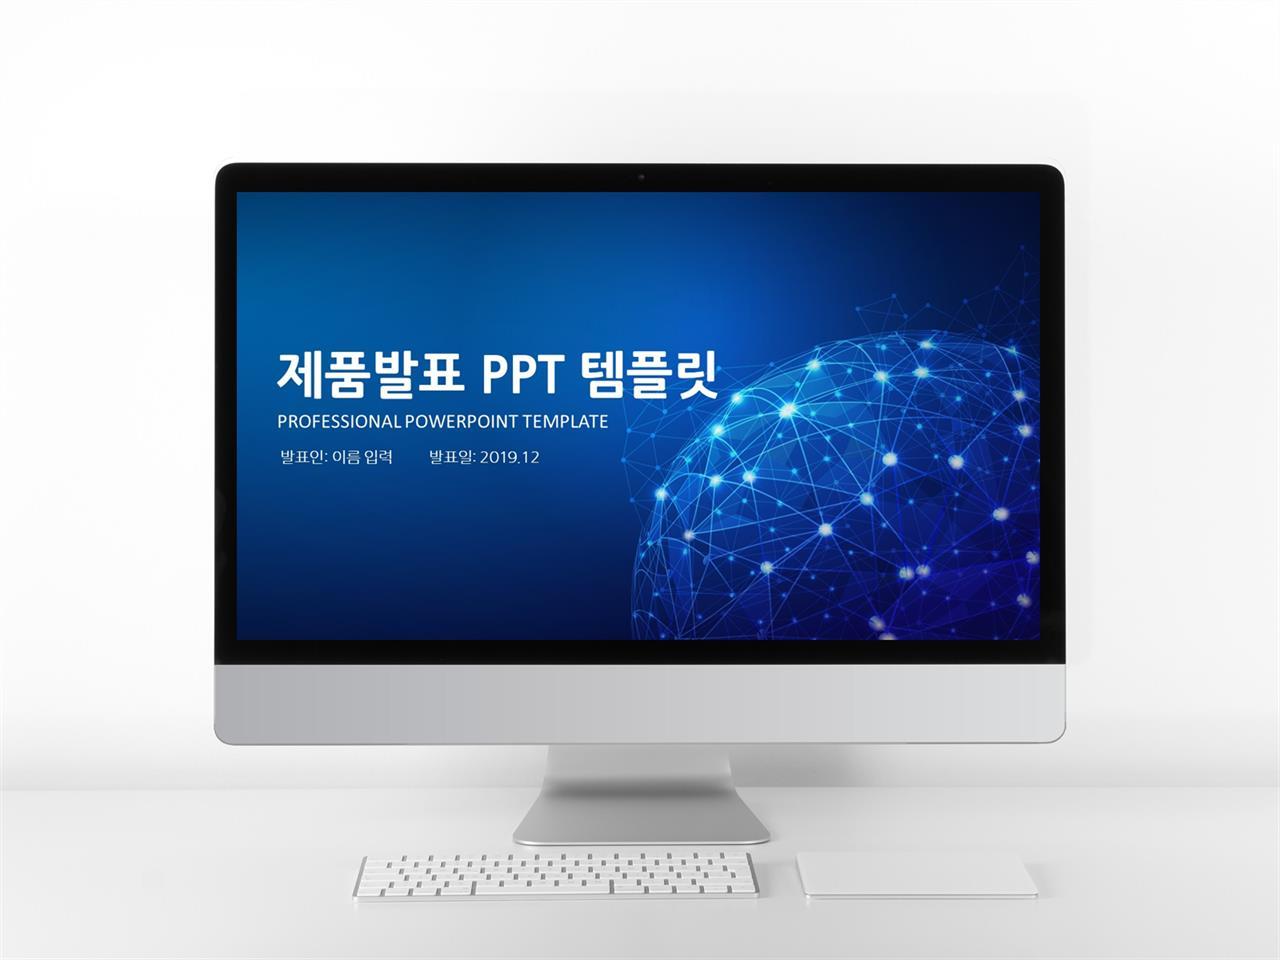 상업계획 푸른색 화려한 고급스럽운 피피티서식 사이트 미리보기